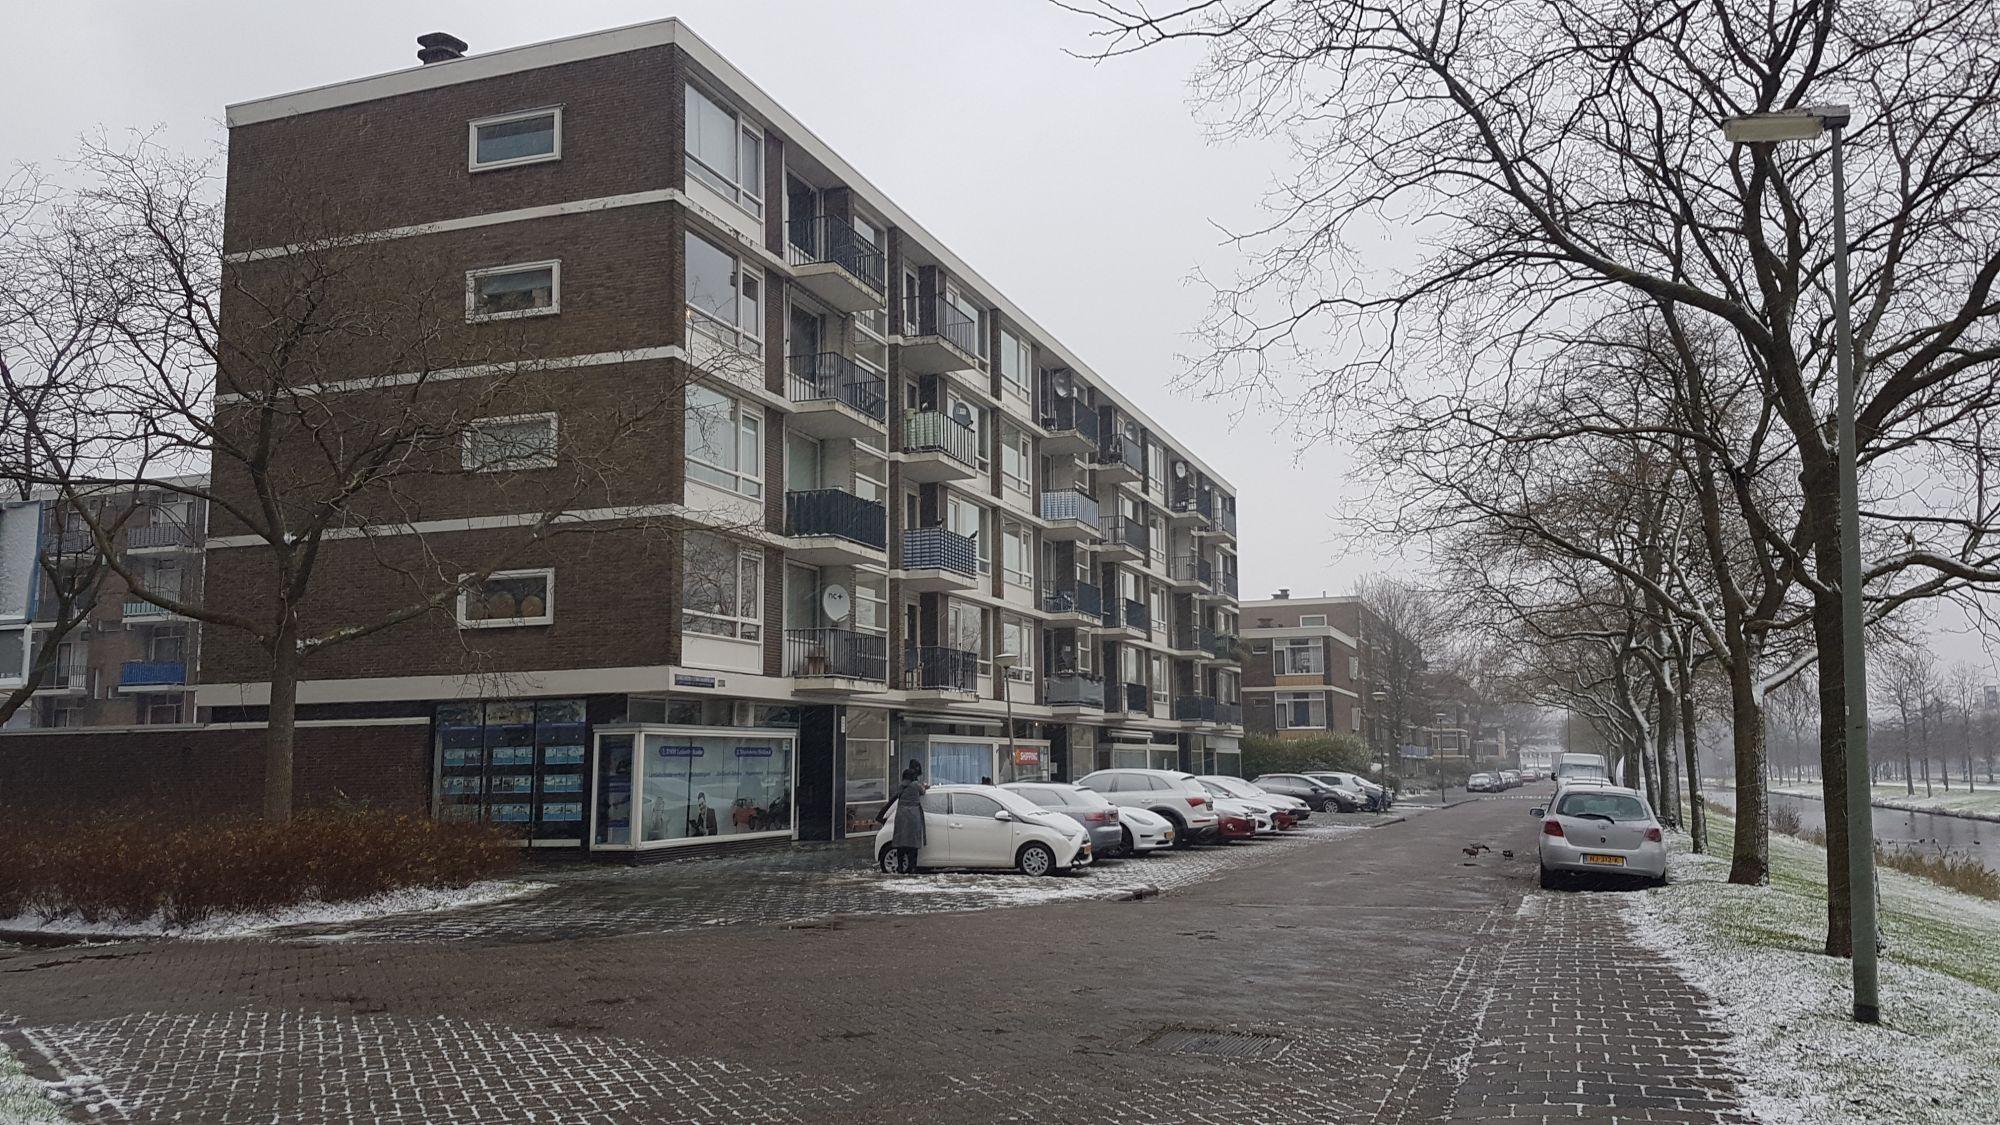 Afwijzing ministerie is domper op vernieuwing wijk Nieuwland